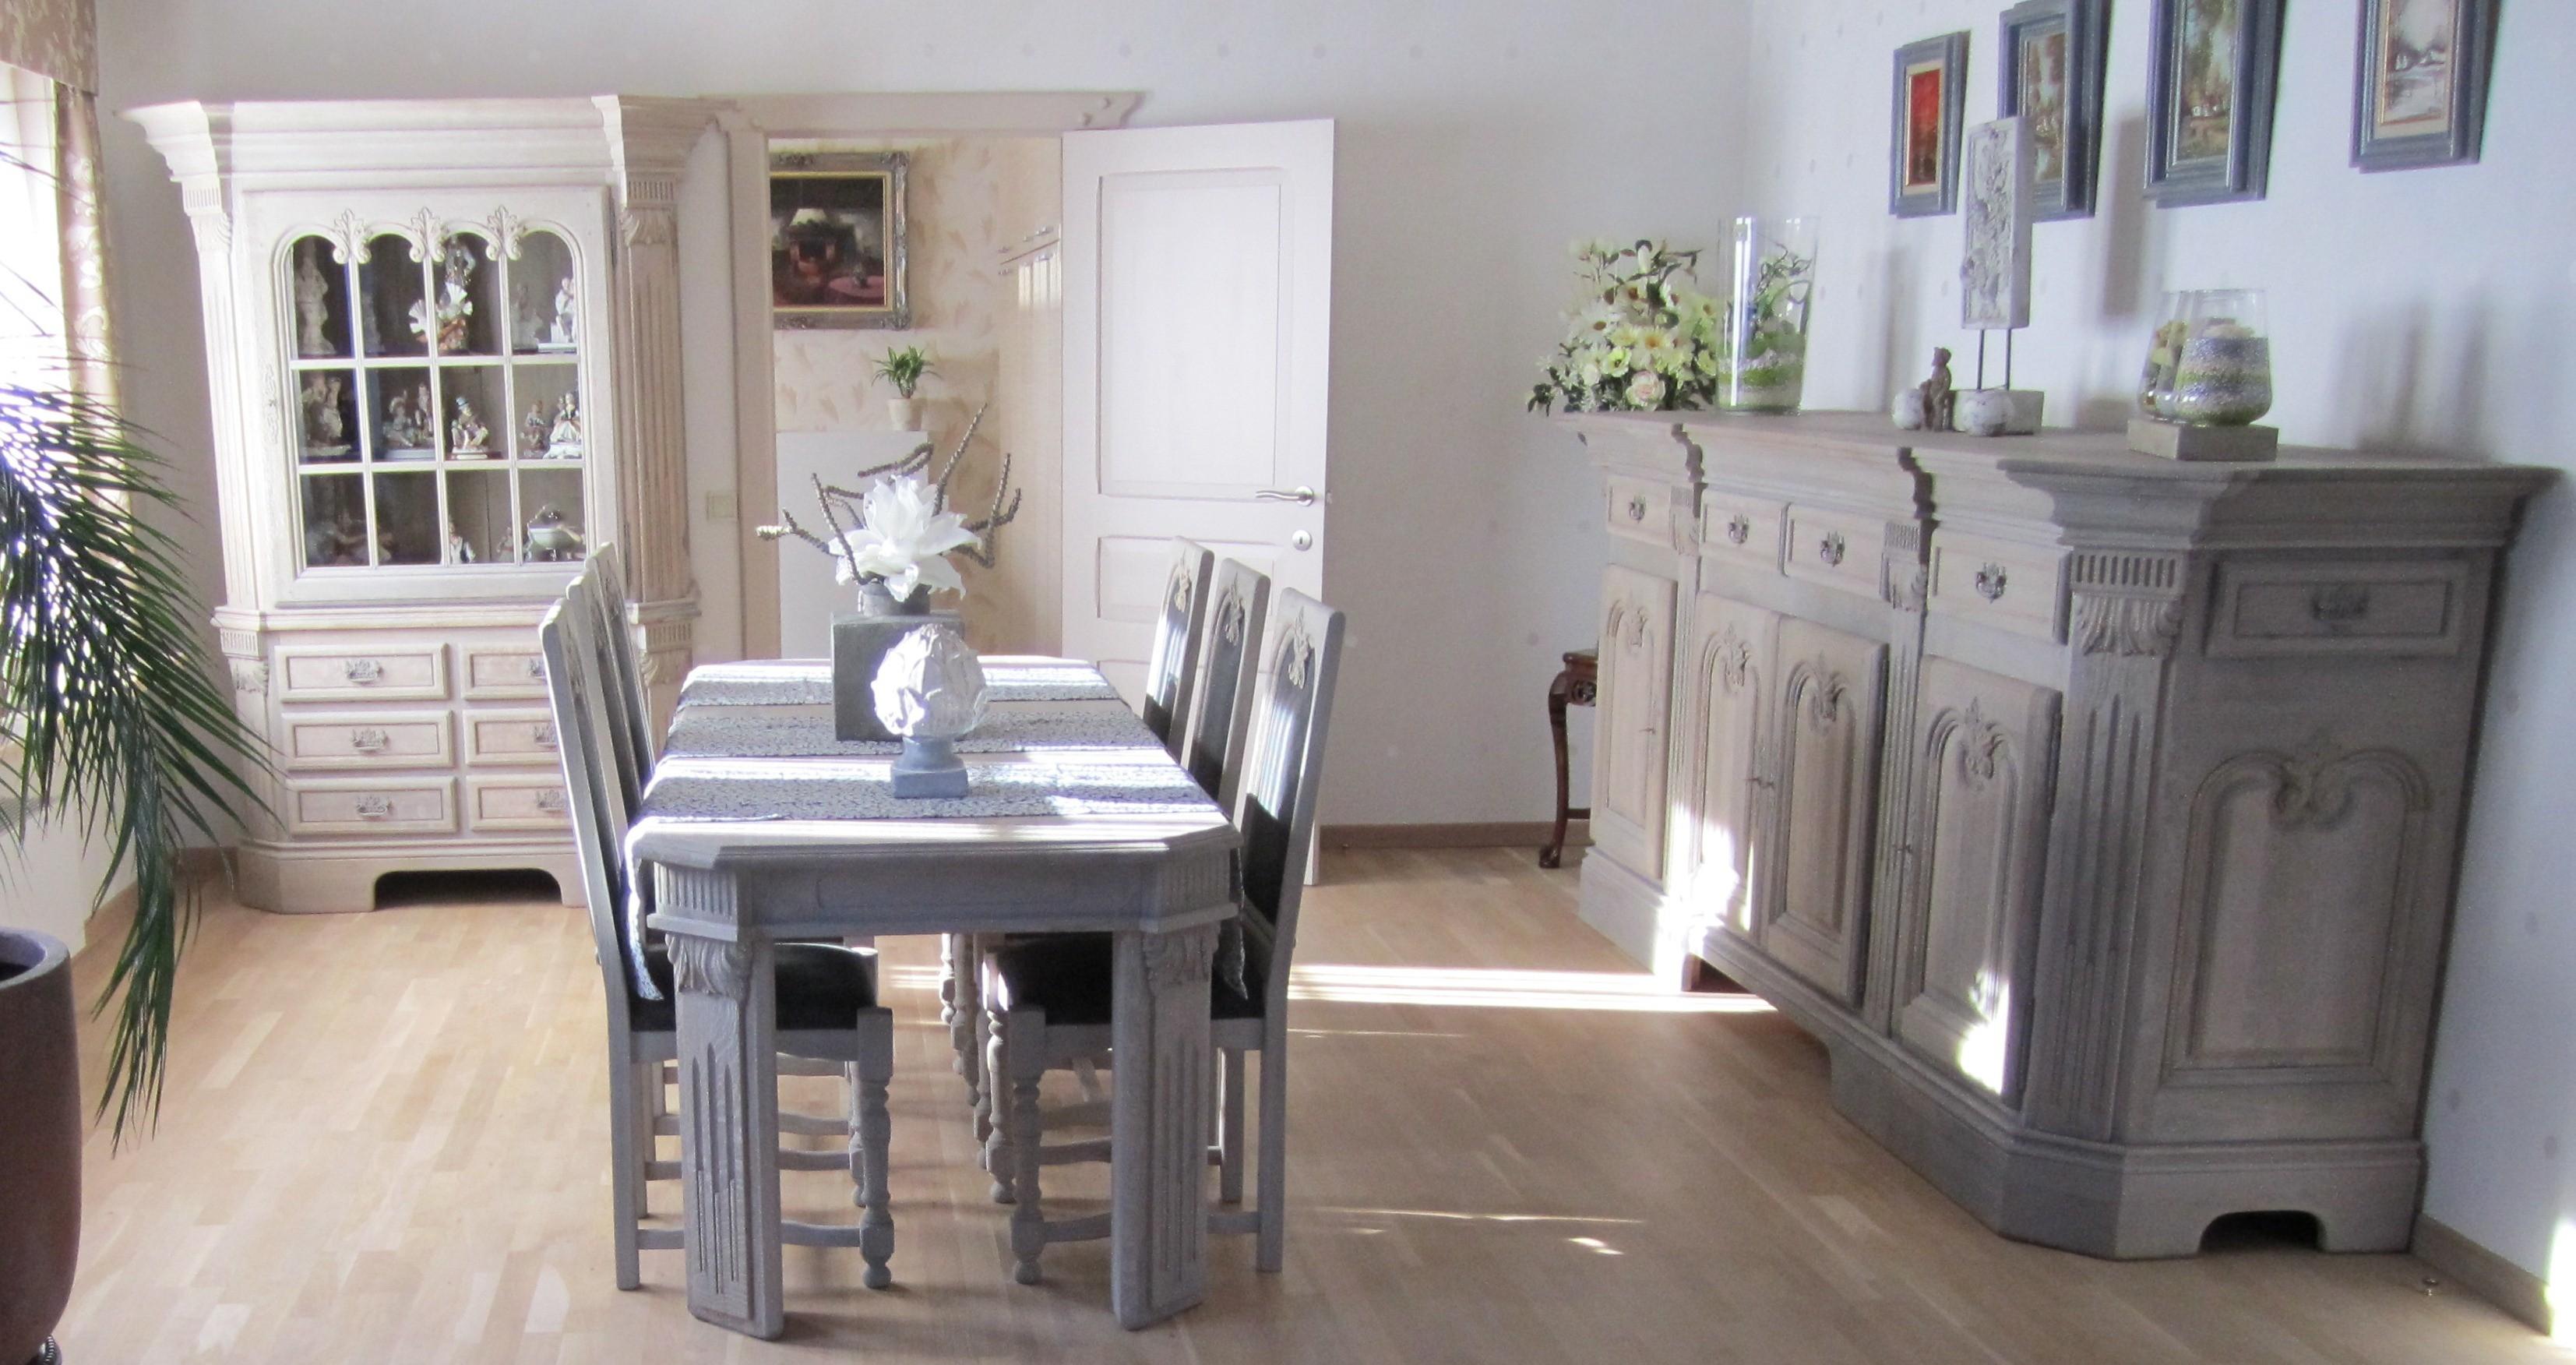 Keuken Fineer Verven : Renovatie van een eiken eetplaats